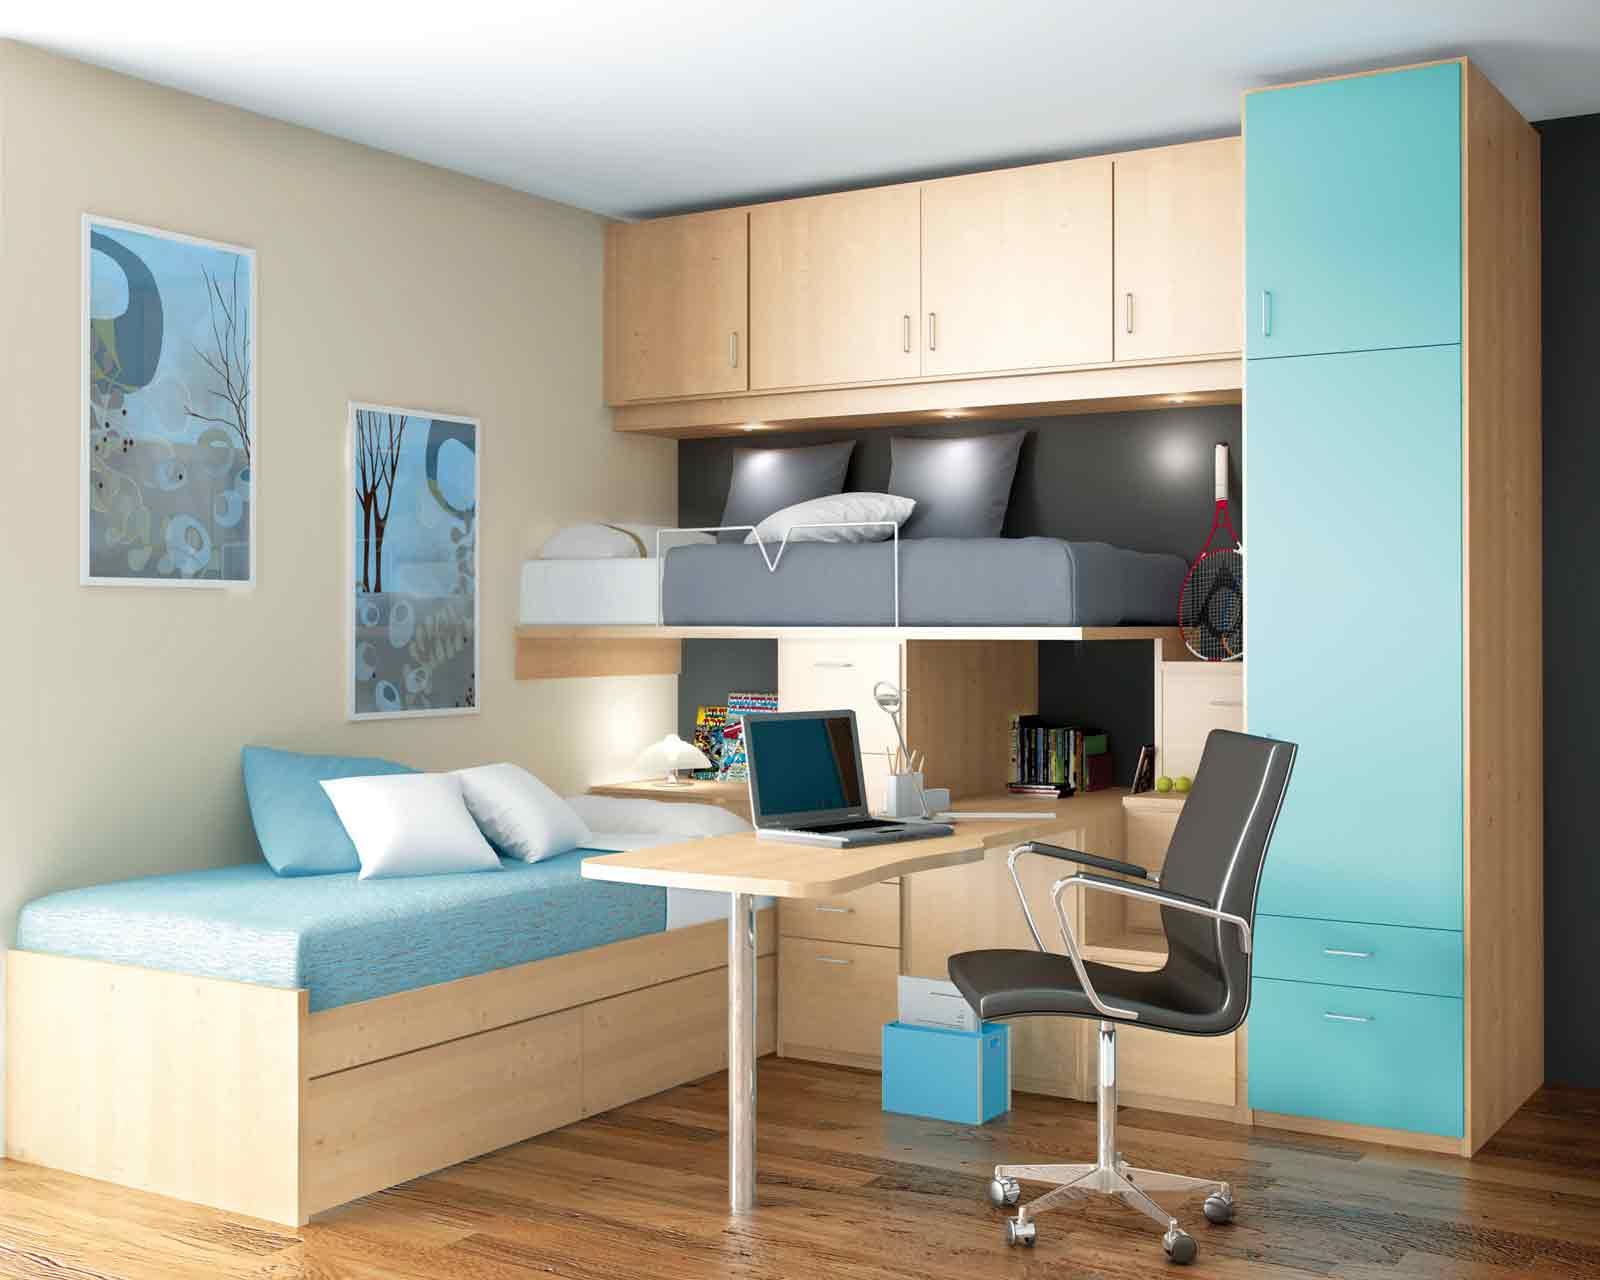 Muebles Habitacion Juvenil Ffdn Habitaciones Y Dormitorios Infantiles Y Juveniles Facil Mobel